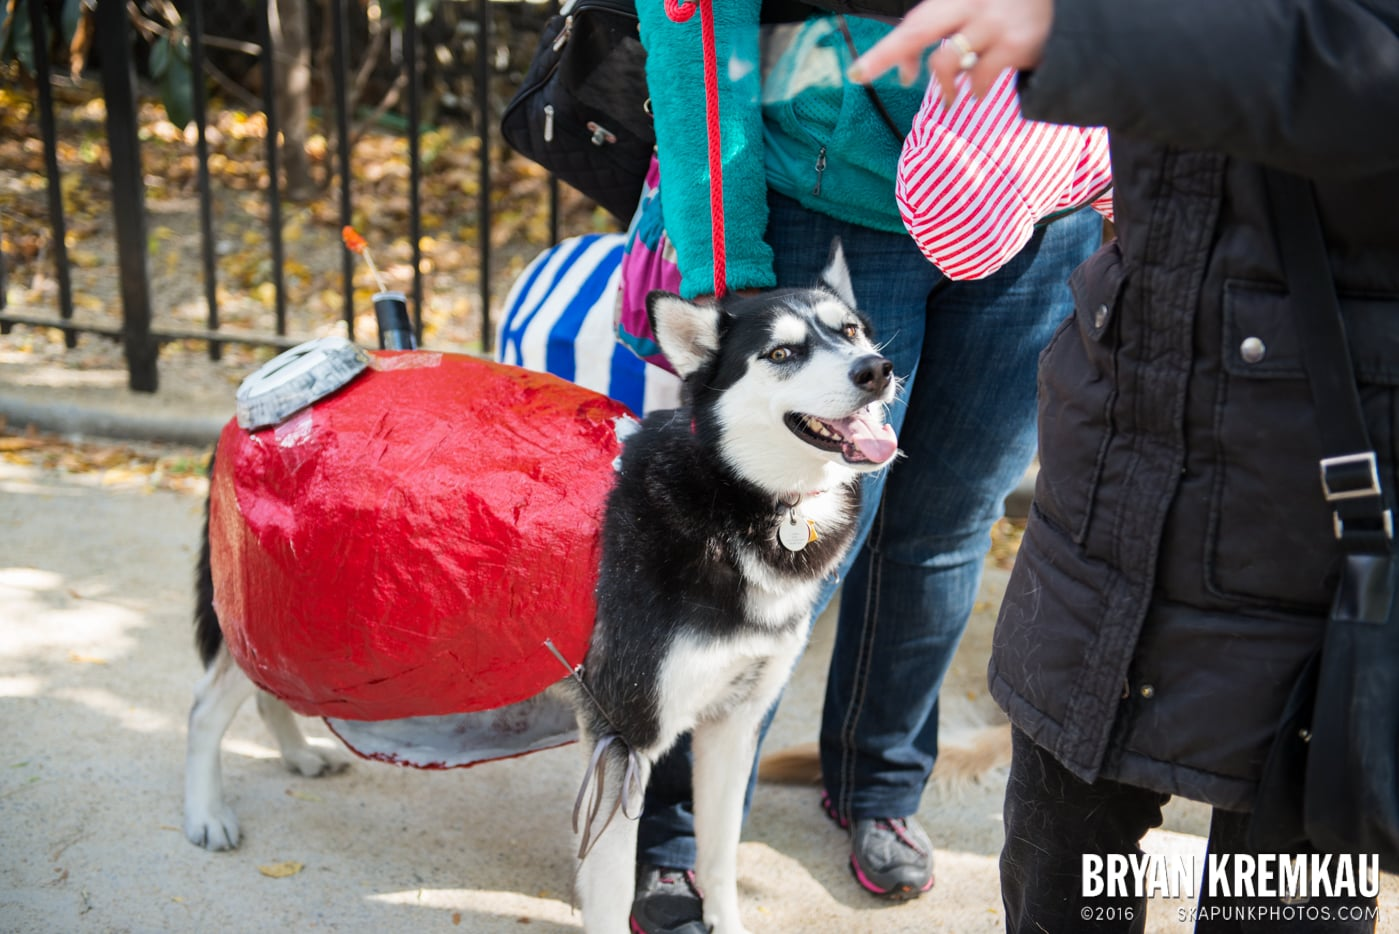 Tompkins Square Halloween Dog Parade 2013 @ Tompkins Square Park, NYC - 10.26.13 (43)